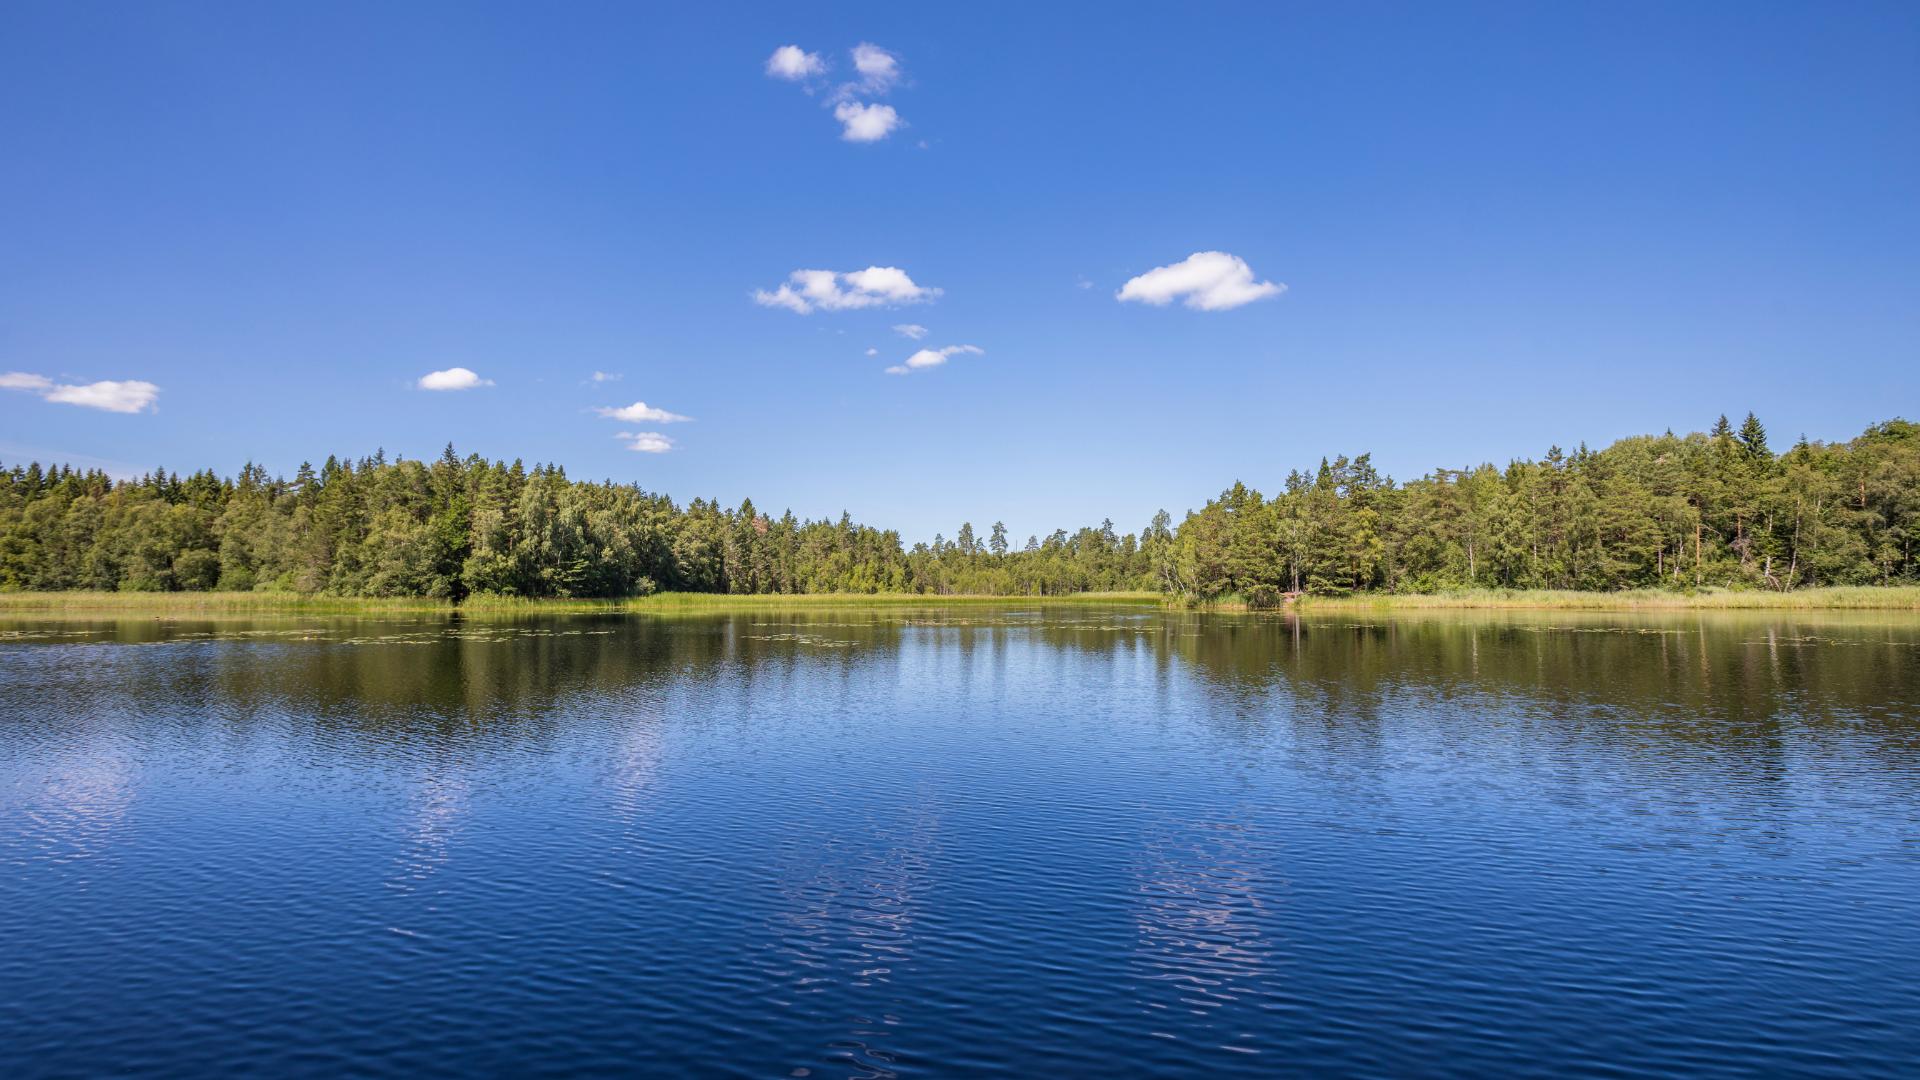 Analiza ryzyka ujęcia wody – o co chodzi?